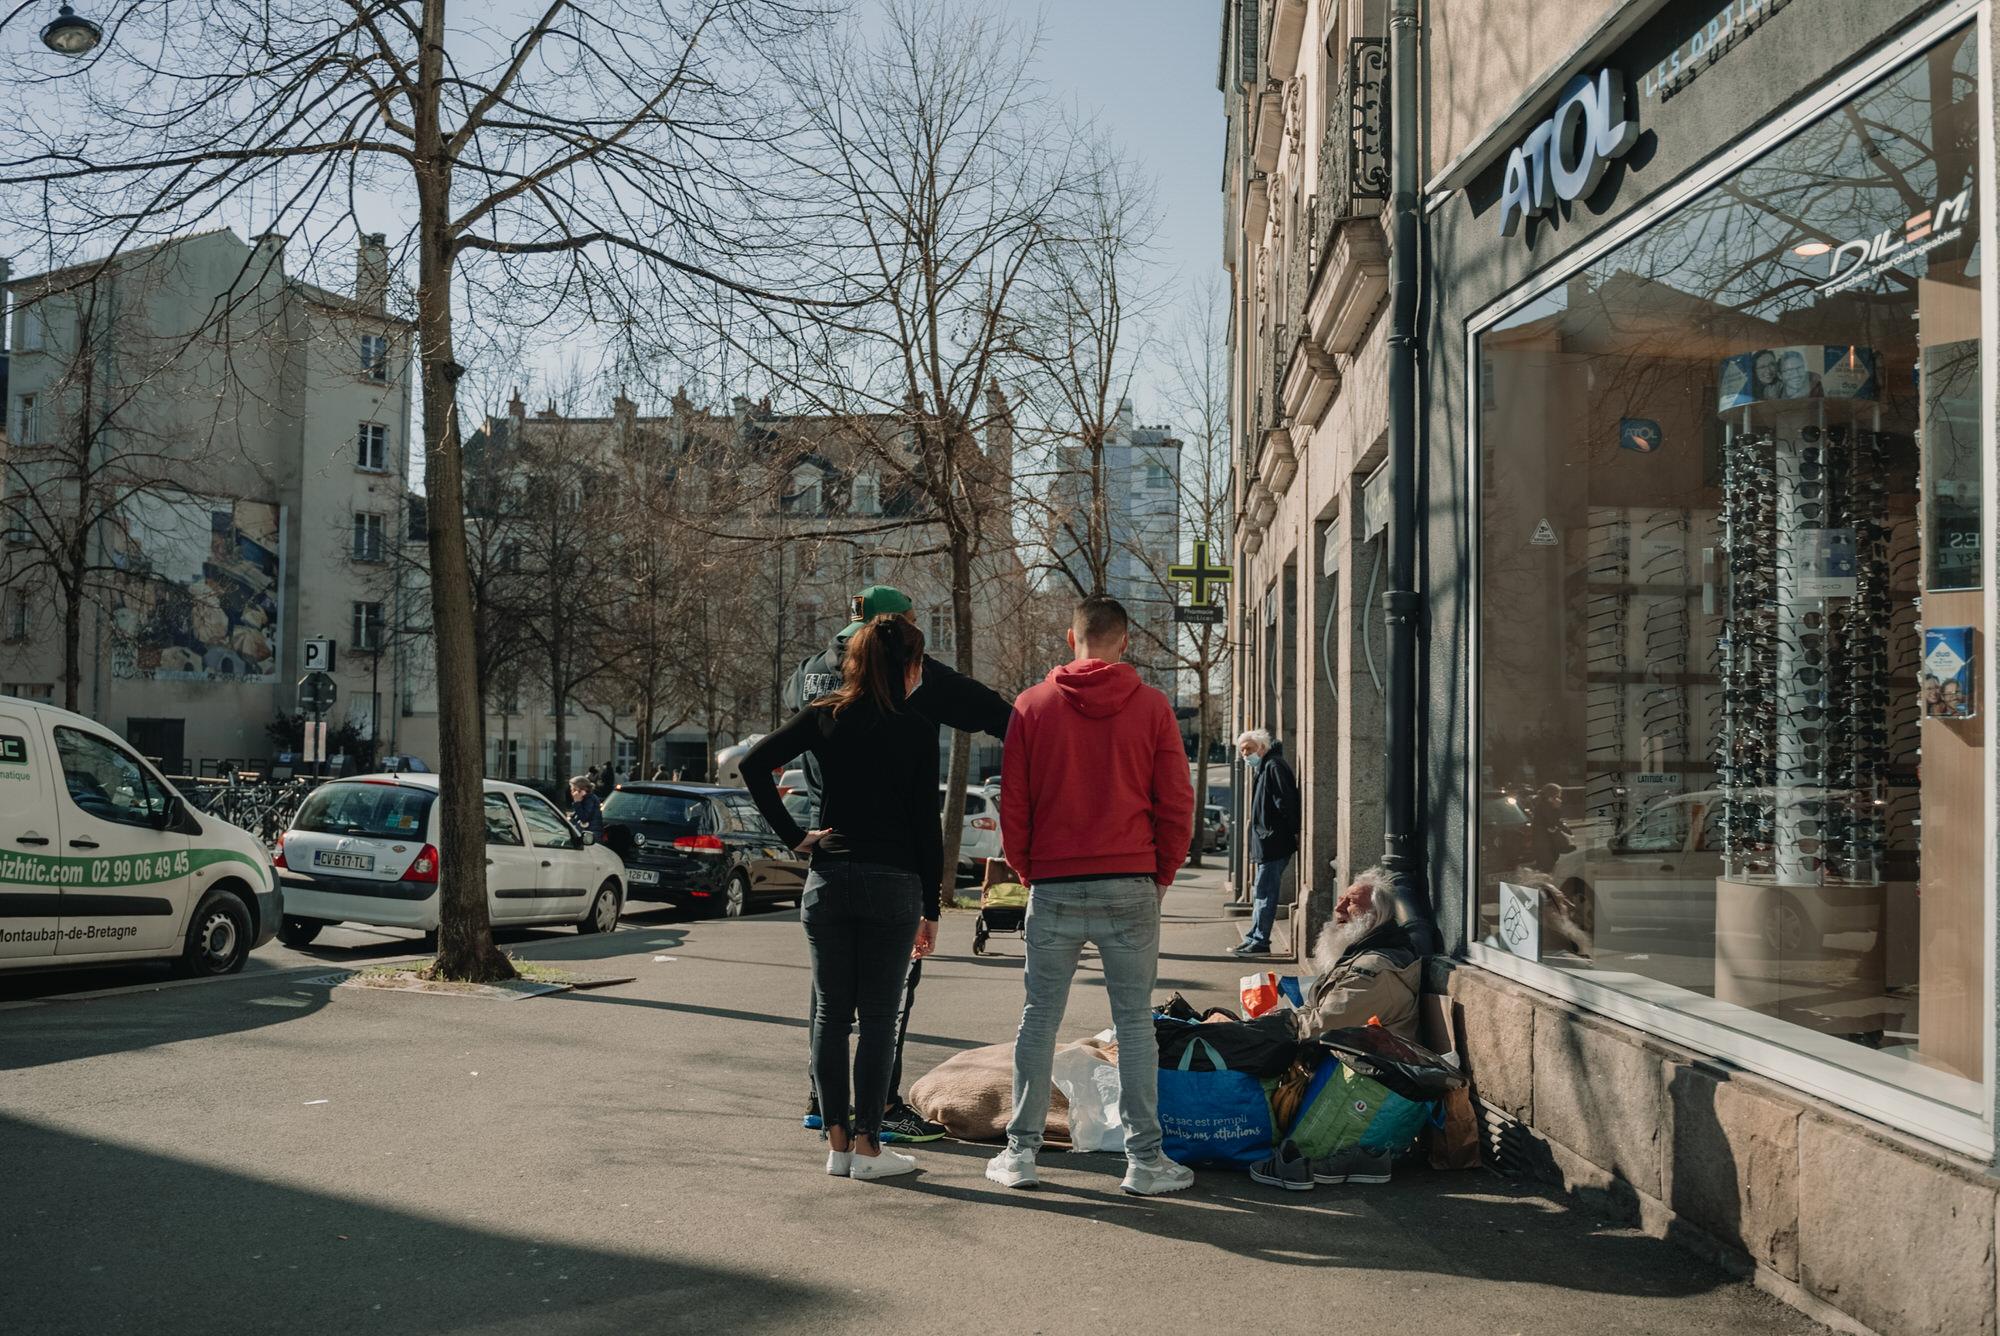 Des Coupes Pour Les Sans Abris Par Antoine Borzeix 6, Photographe & Videaste à Brest / Finistère